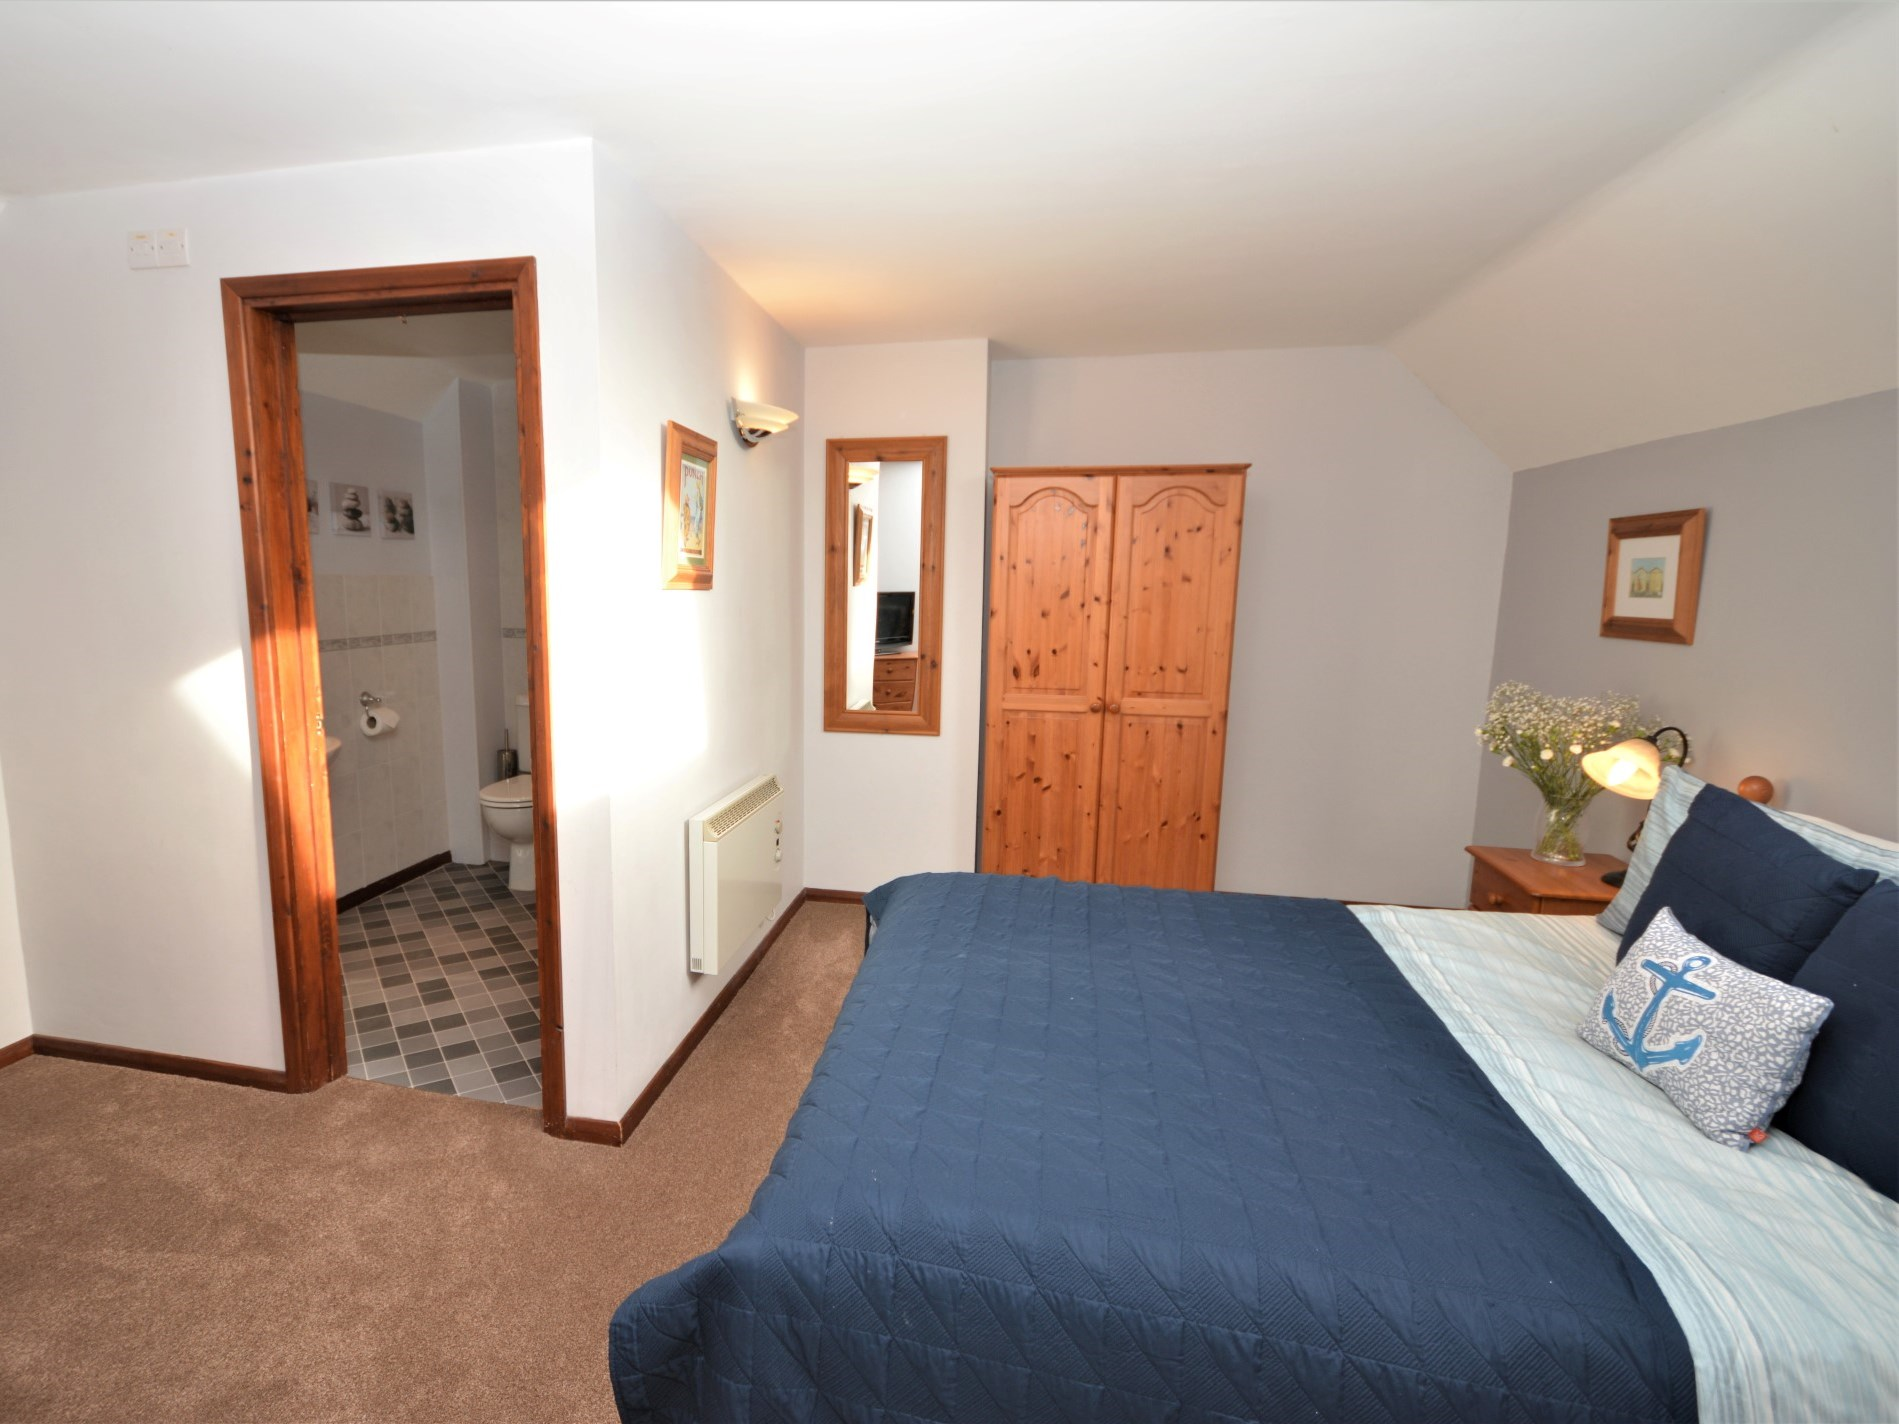 Ensuite king-size bedroom